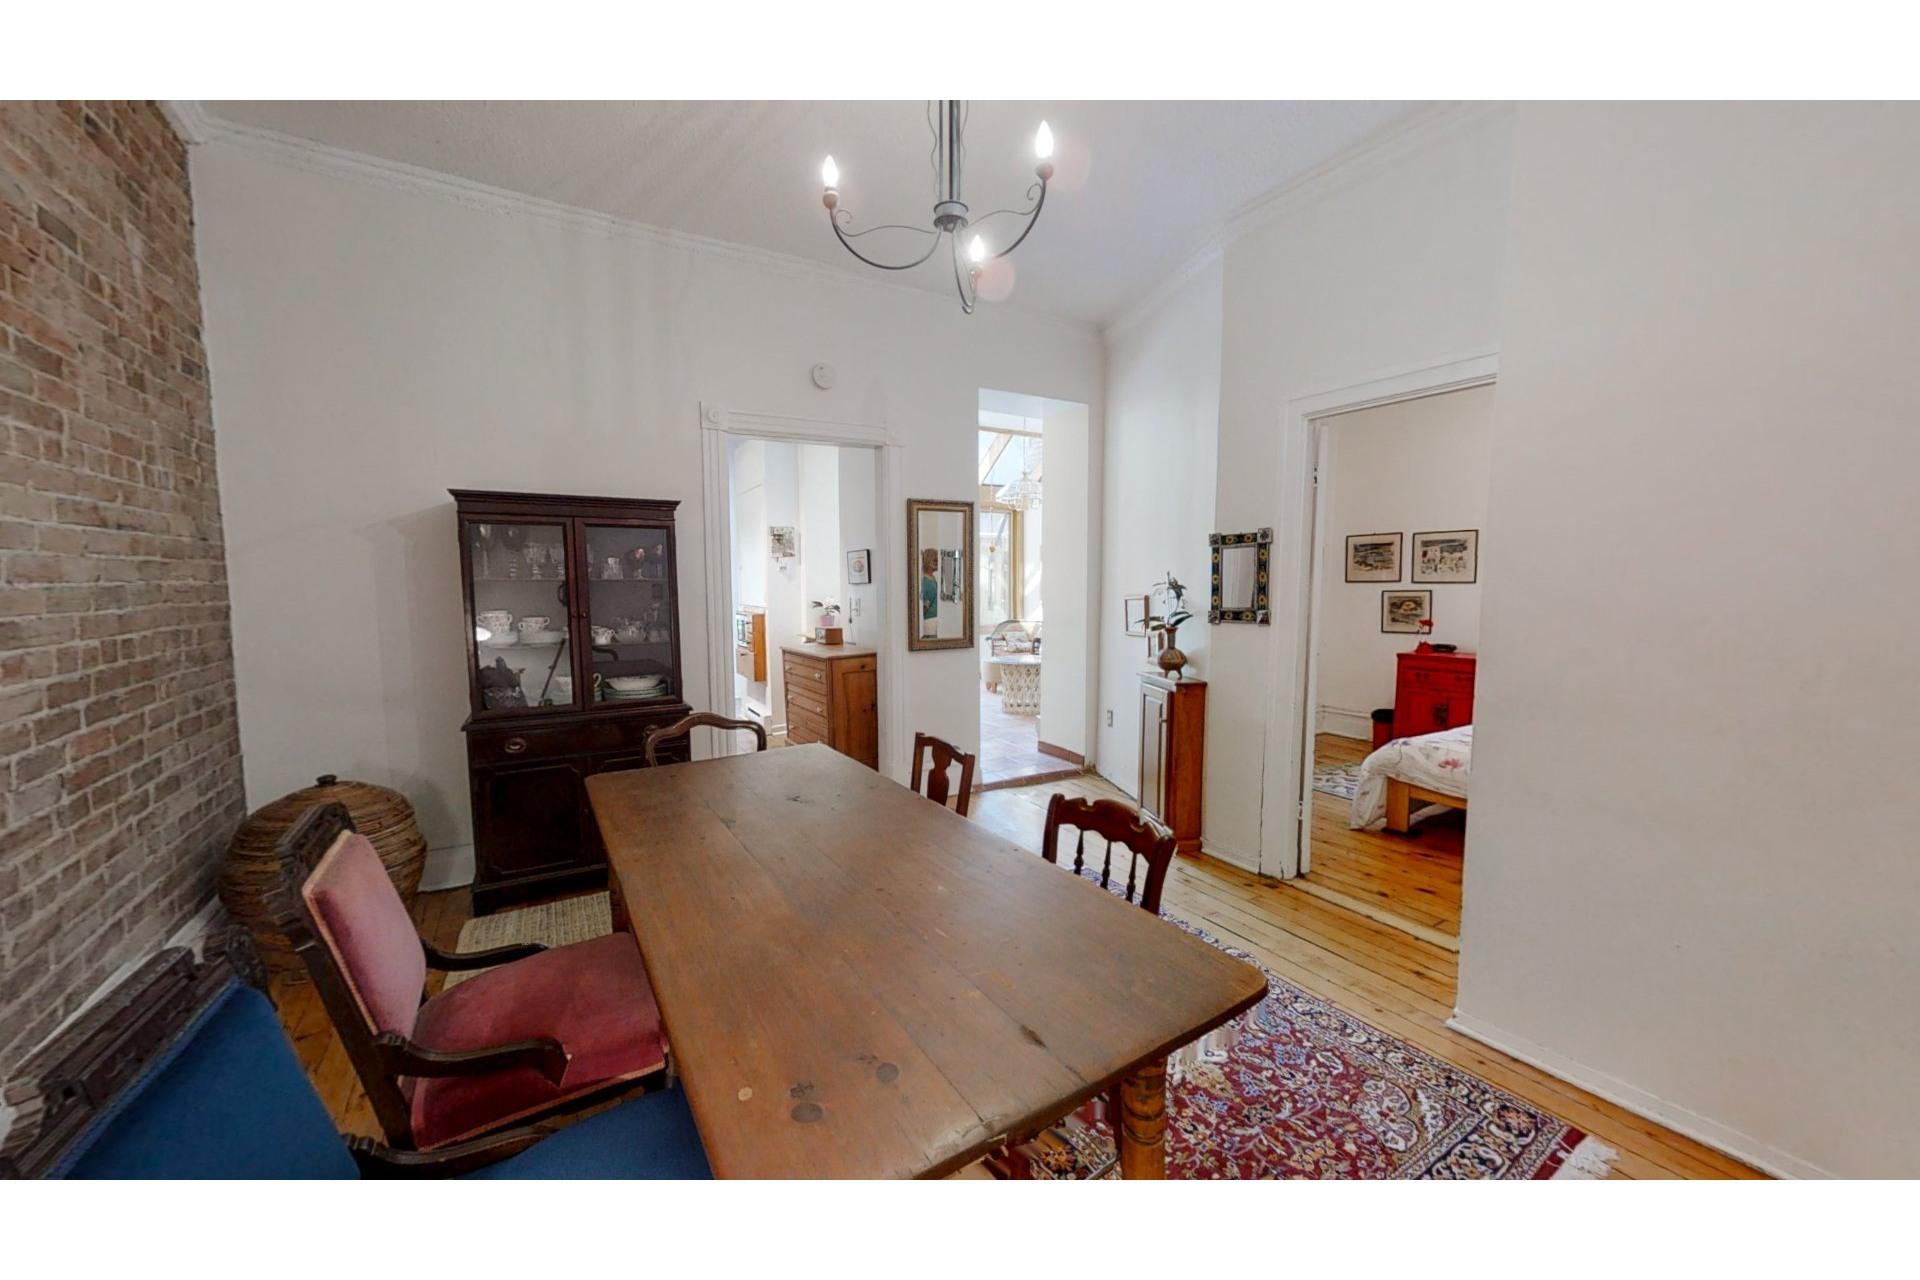 image 7 - Apartment For sale Ville-Marie Montréal  - 8 rooms